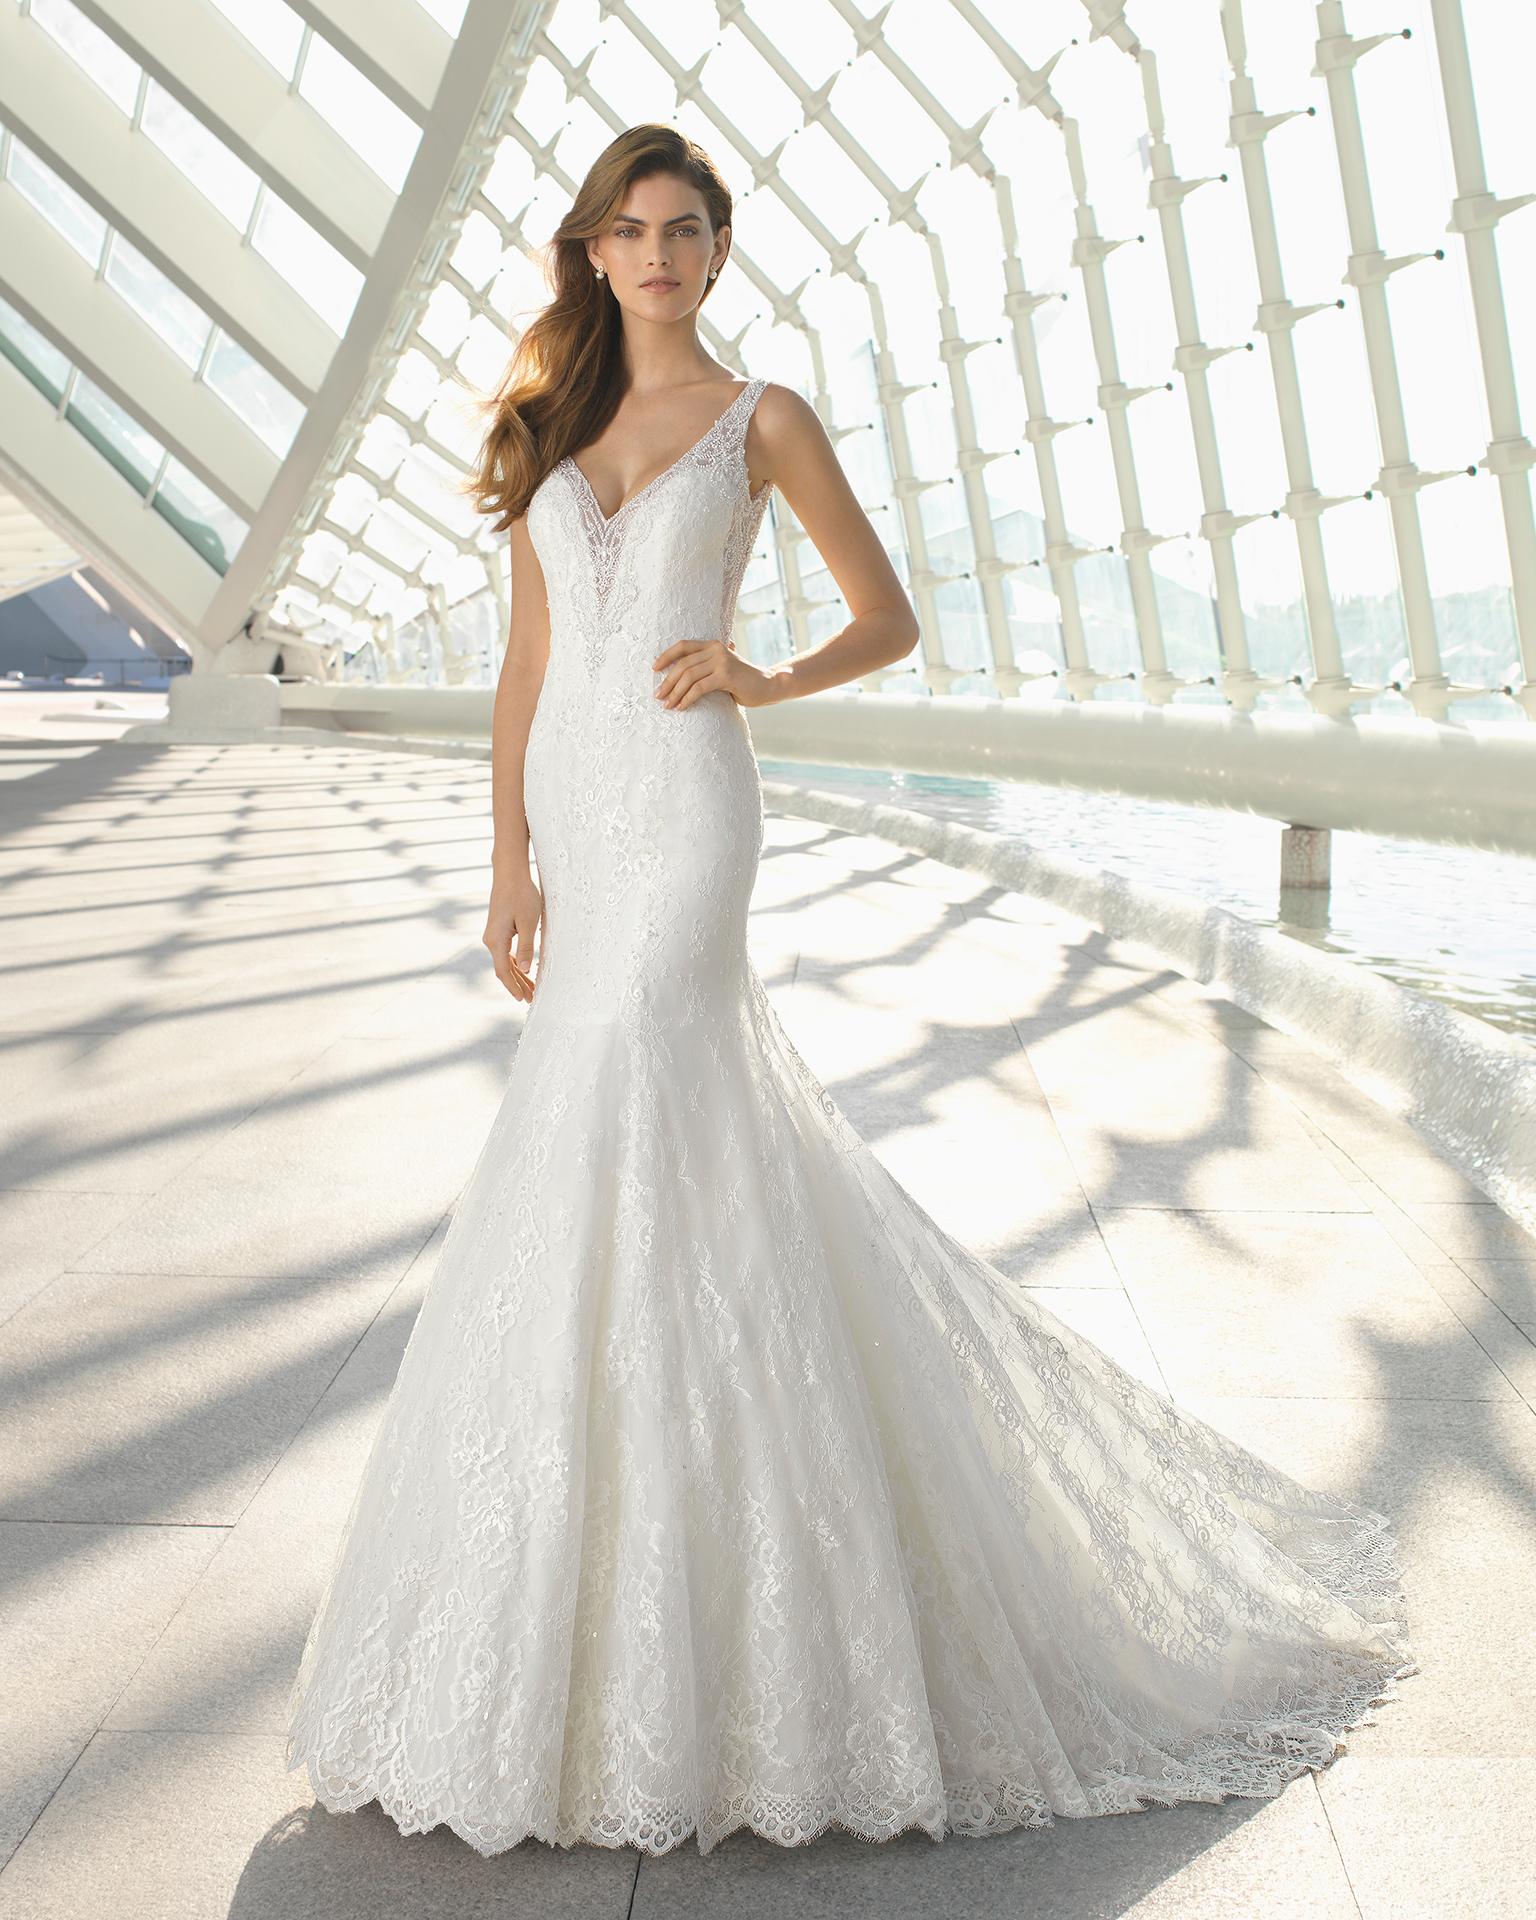 e3a0b131ca85 L atelier Rosa Clarà è riuscito ancora una volta a offrire una ricchissima  collezione di abiti da sposa 2018 arricchita da modelli preziosi ma  soprattutto ...